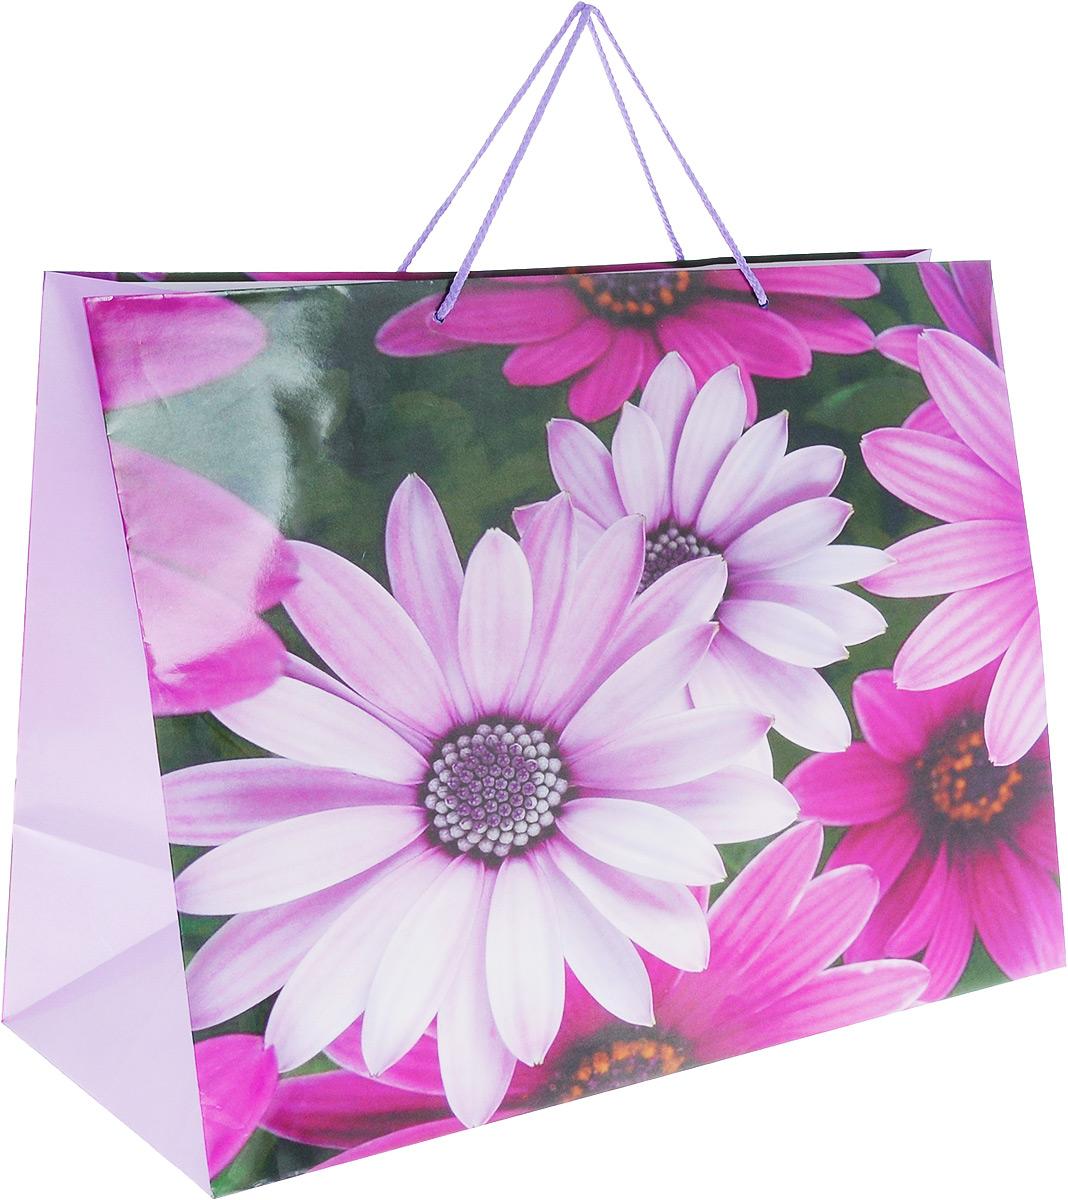 """Пакет подарочный МегаМАГ """"Цветы"""", 56 х 41 х 24 см. 903/904 XXLH"""